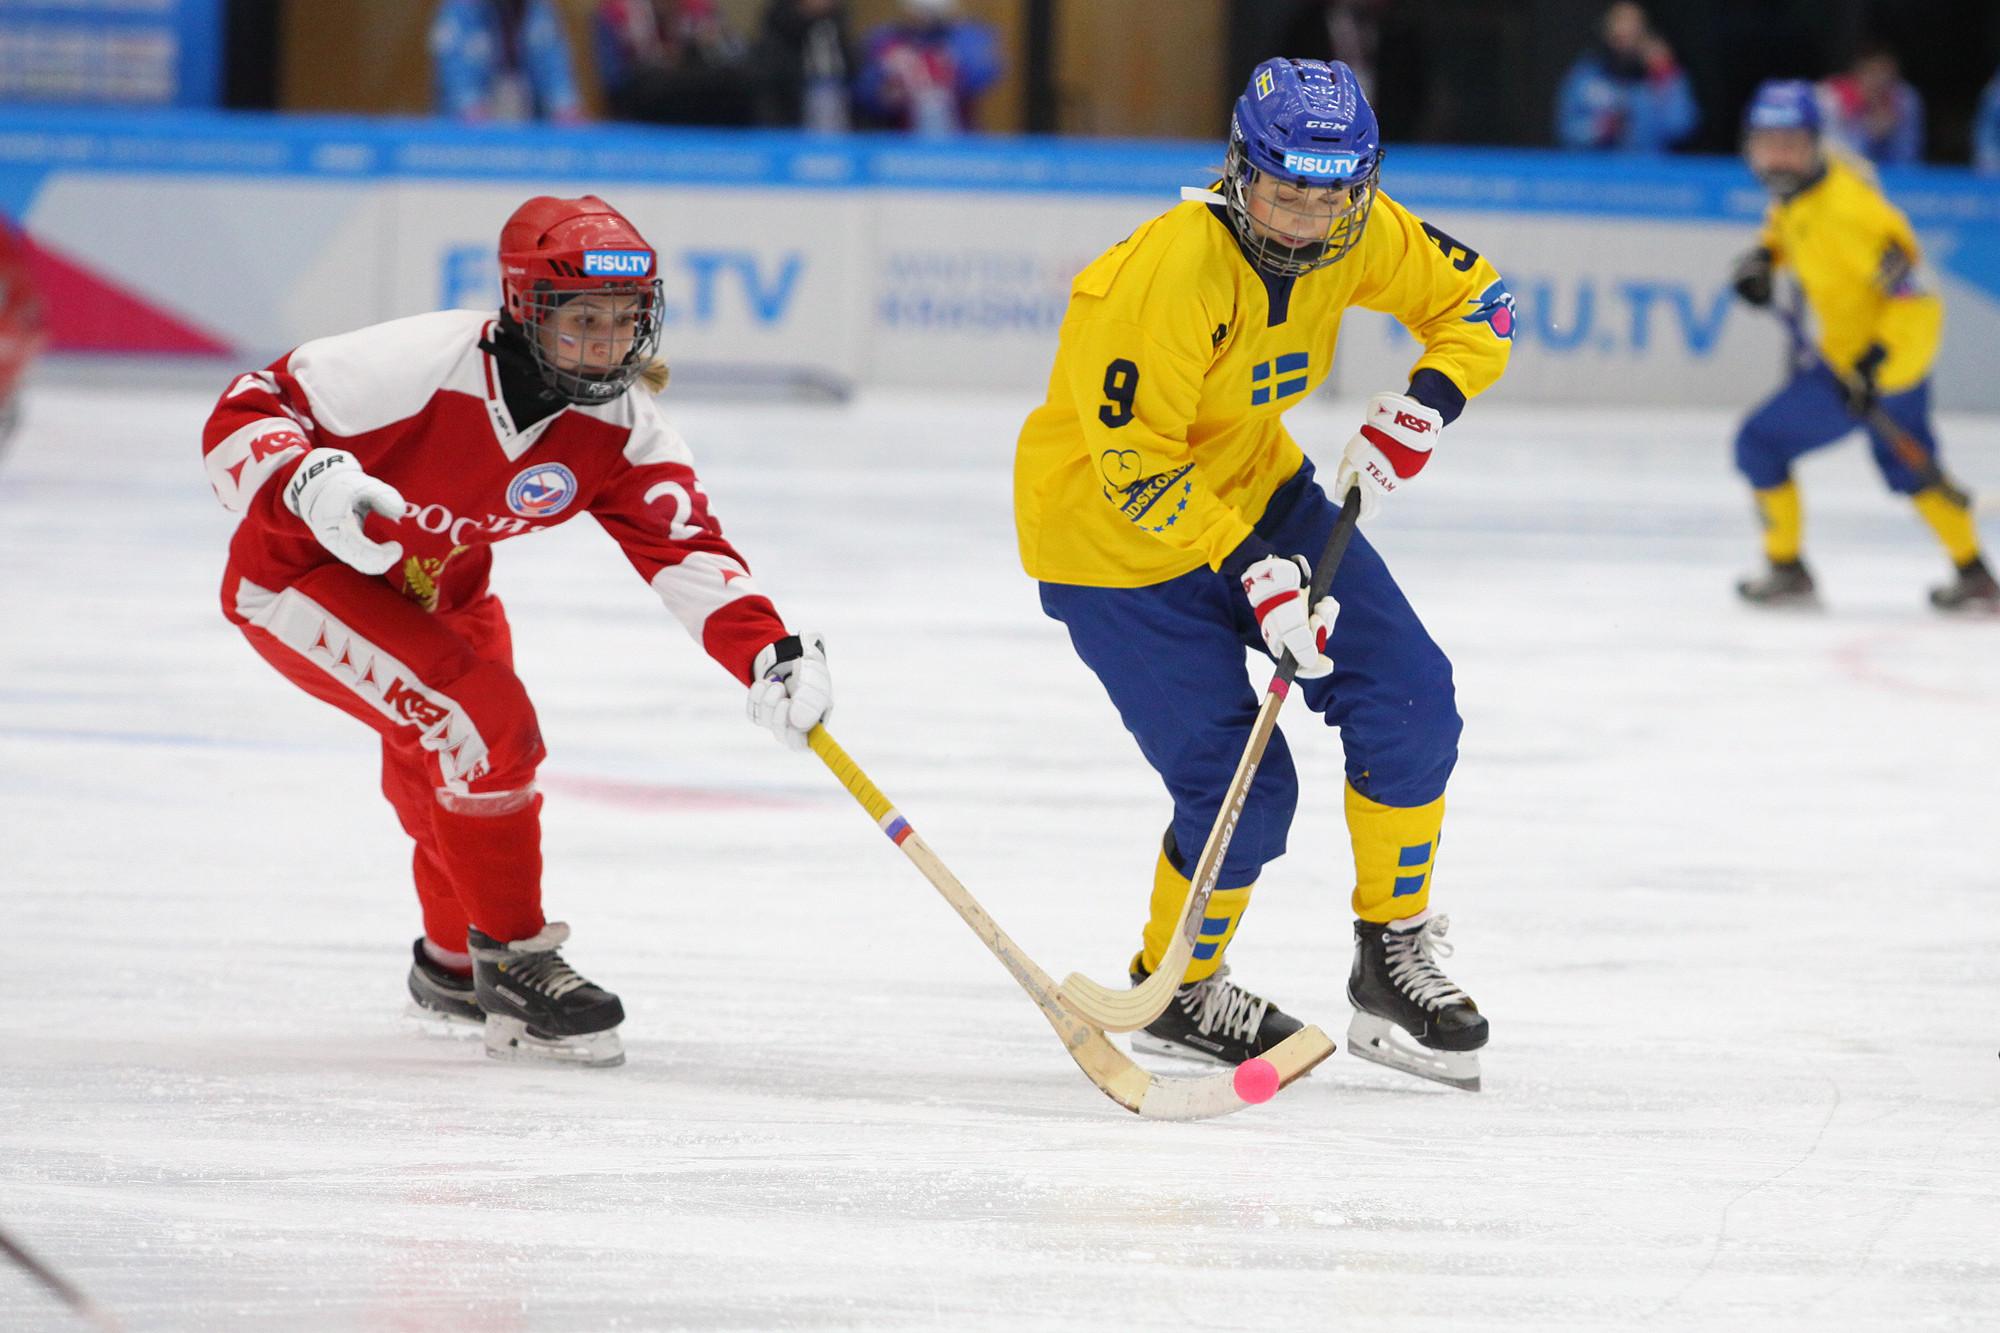 First Universiade bandy gold medal awarded to Sweden at Krasnoyarsk 2019